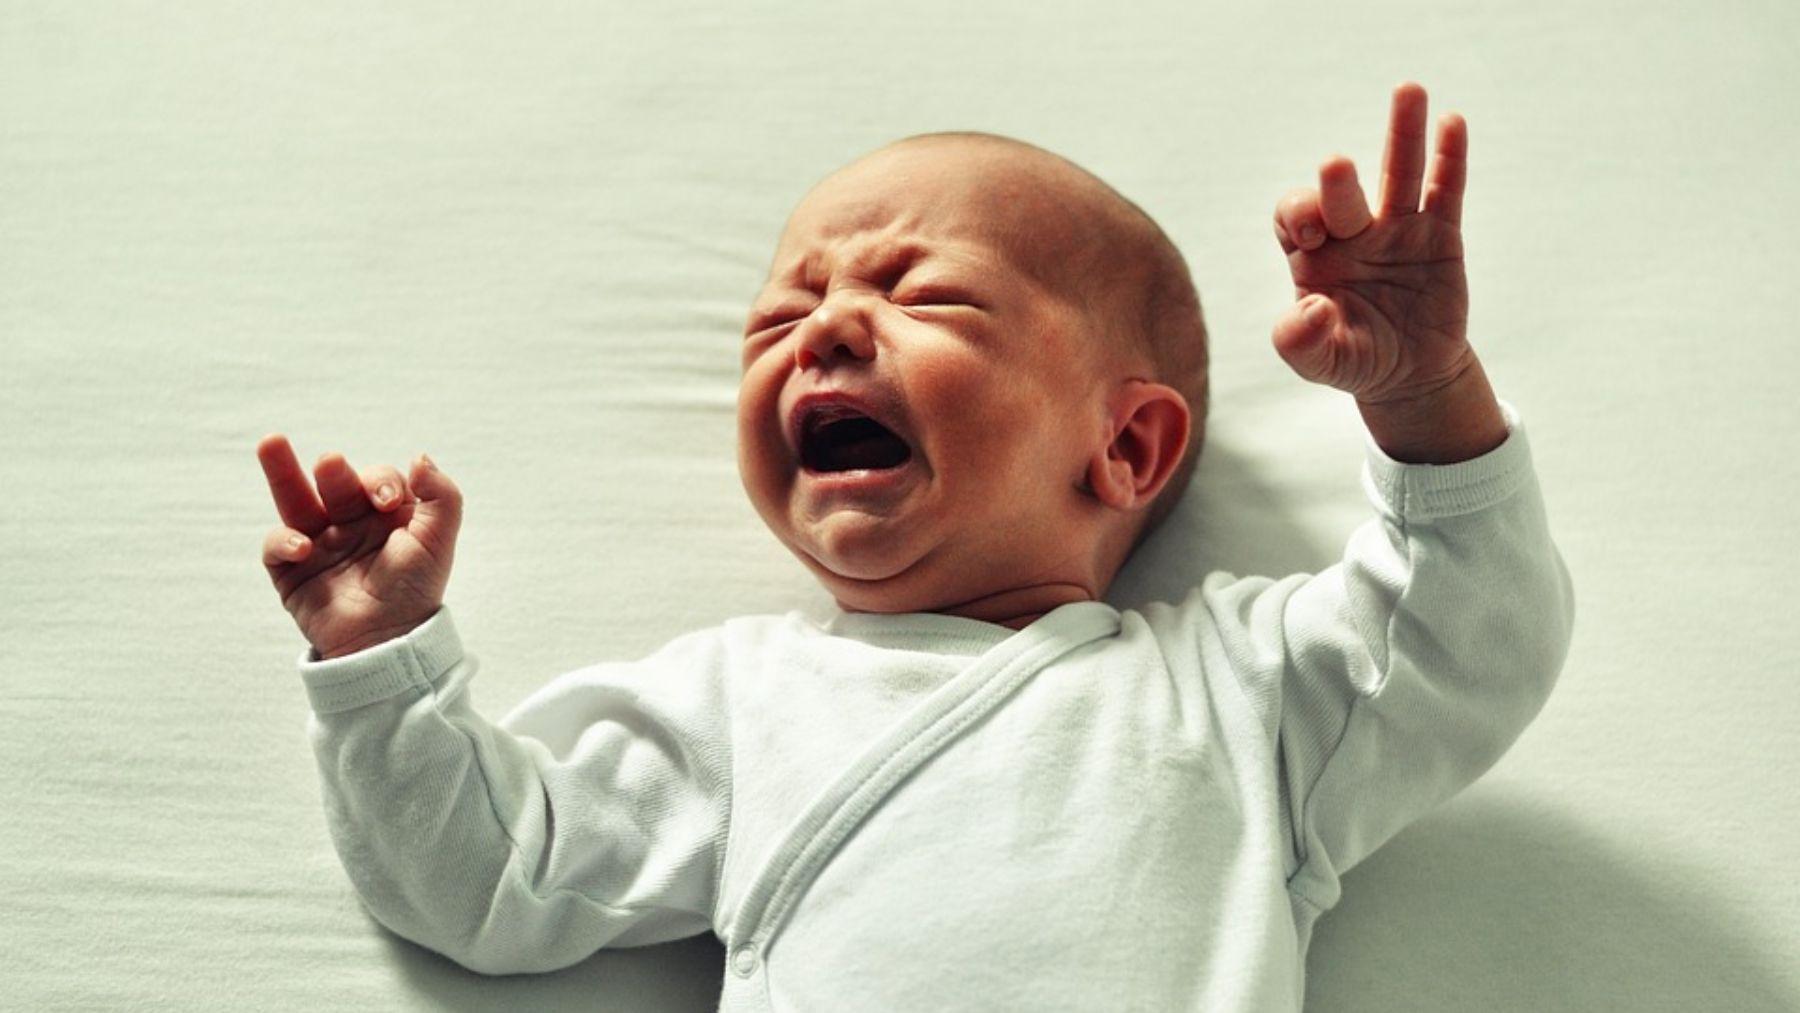 Descubre las mejores formas para calmar al bebé cuando llora